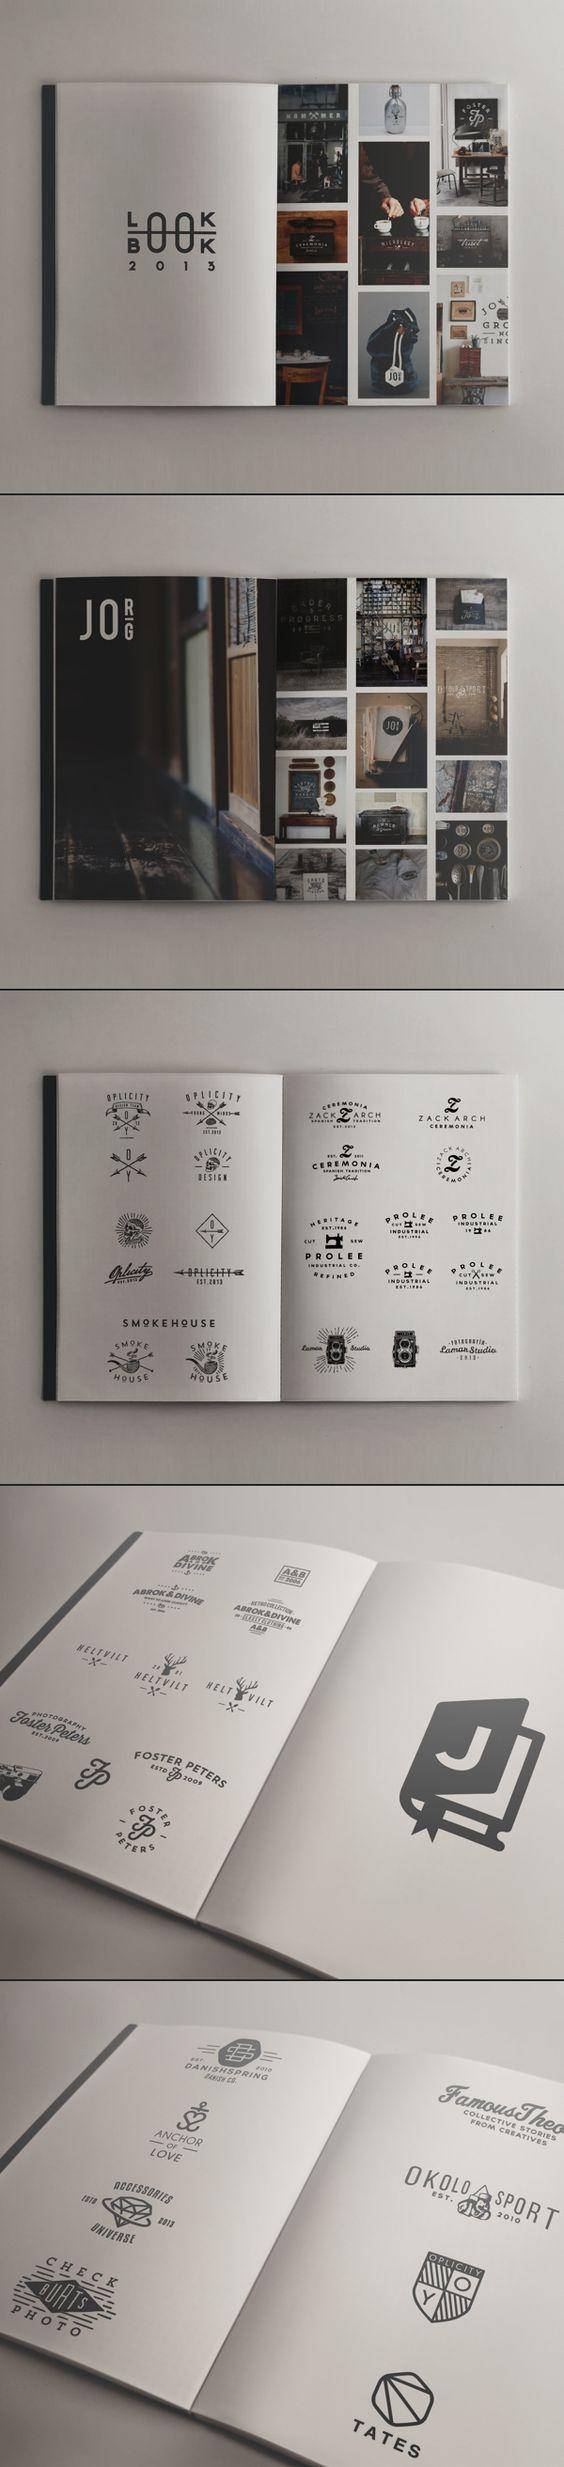 Lookbook 2013 by Jorgen Grotdal on Behance